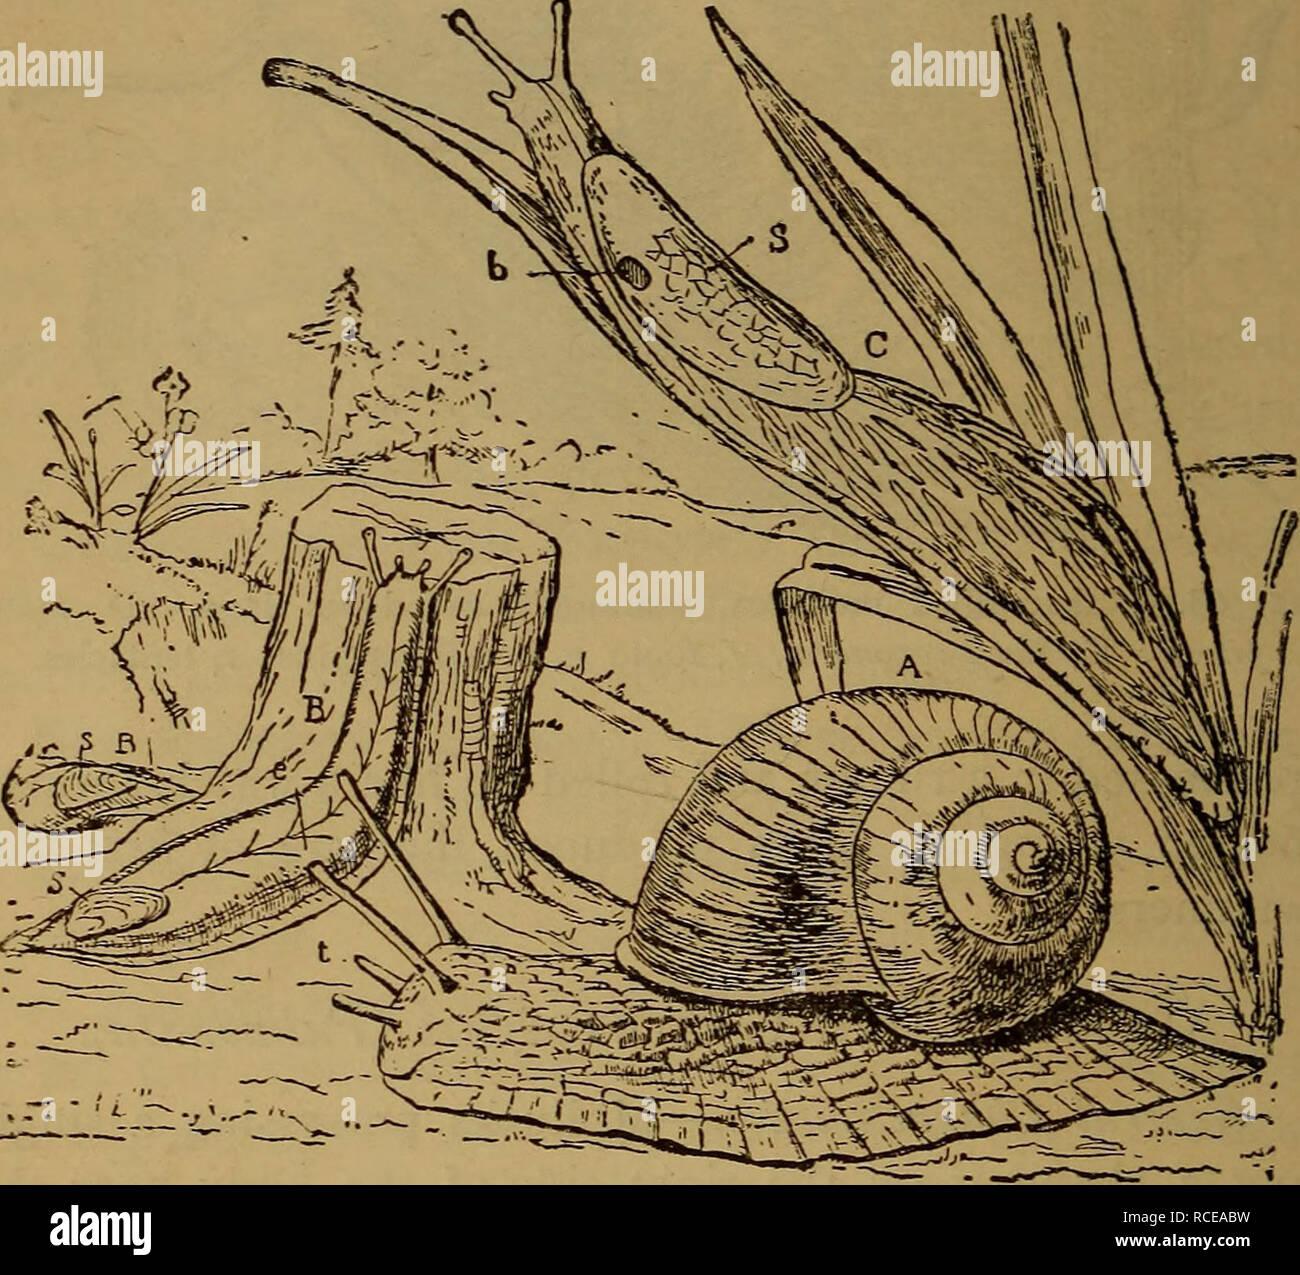 . Éléments d'zoölogy. Zoologie. 66 A. MOLLUSQUES escargots, intéressant à partir de la grande variation de la coquille. Les oeufs sont pondus dans des capsules (Fig. 69), dans une masse gélatineuse, à la fin du printemps. En hiver, ils hibernent dans la boue; 320 espèces sont connues. (Land-Snails Heliadce).-trois mille trois hun- dred et trente-deux de ces espèces sont connues en divers. FlG. 70.-gastéropodes à respiration aérienne: les escargots et les limaces. Un escargot, {Helix); B, B, slug Testacella-un disappeai-ing dans le sol, et que la queue montrant; C, la grande limace grise (Limax); s, shell; t, dix- tacles; e, yeux; b Banque D'Images